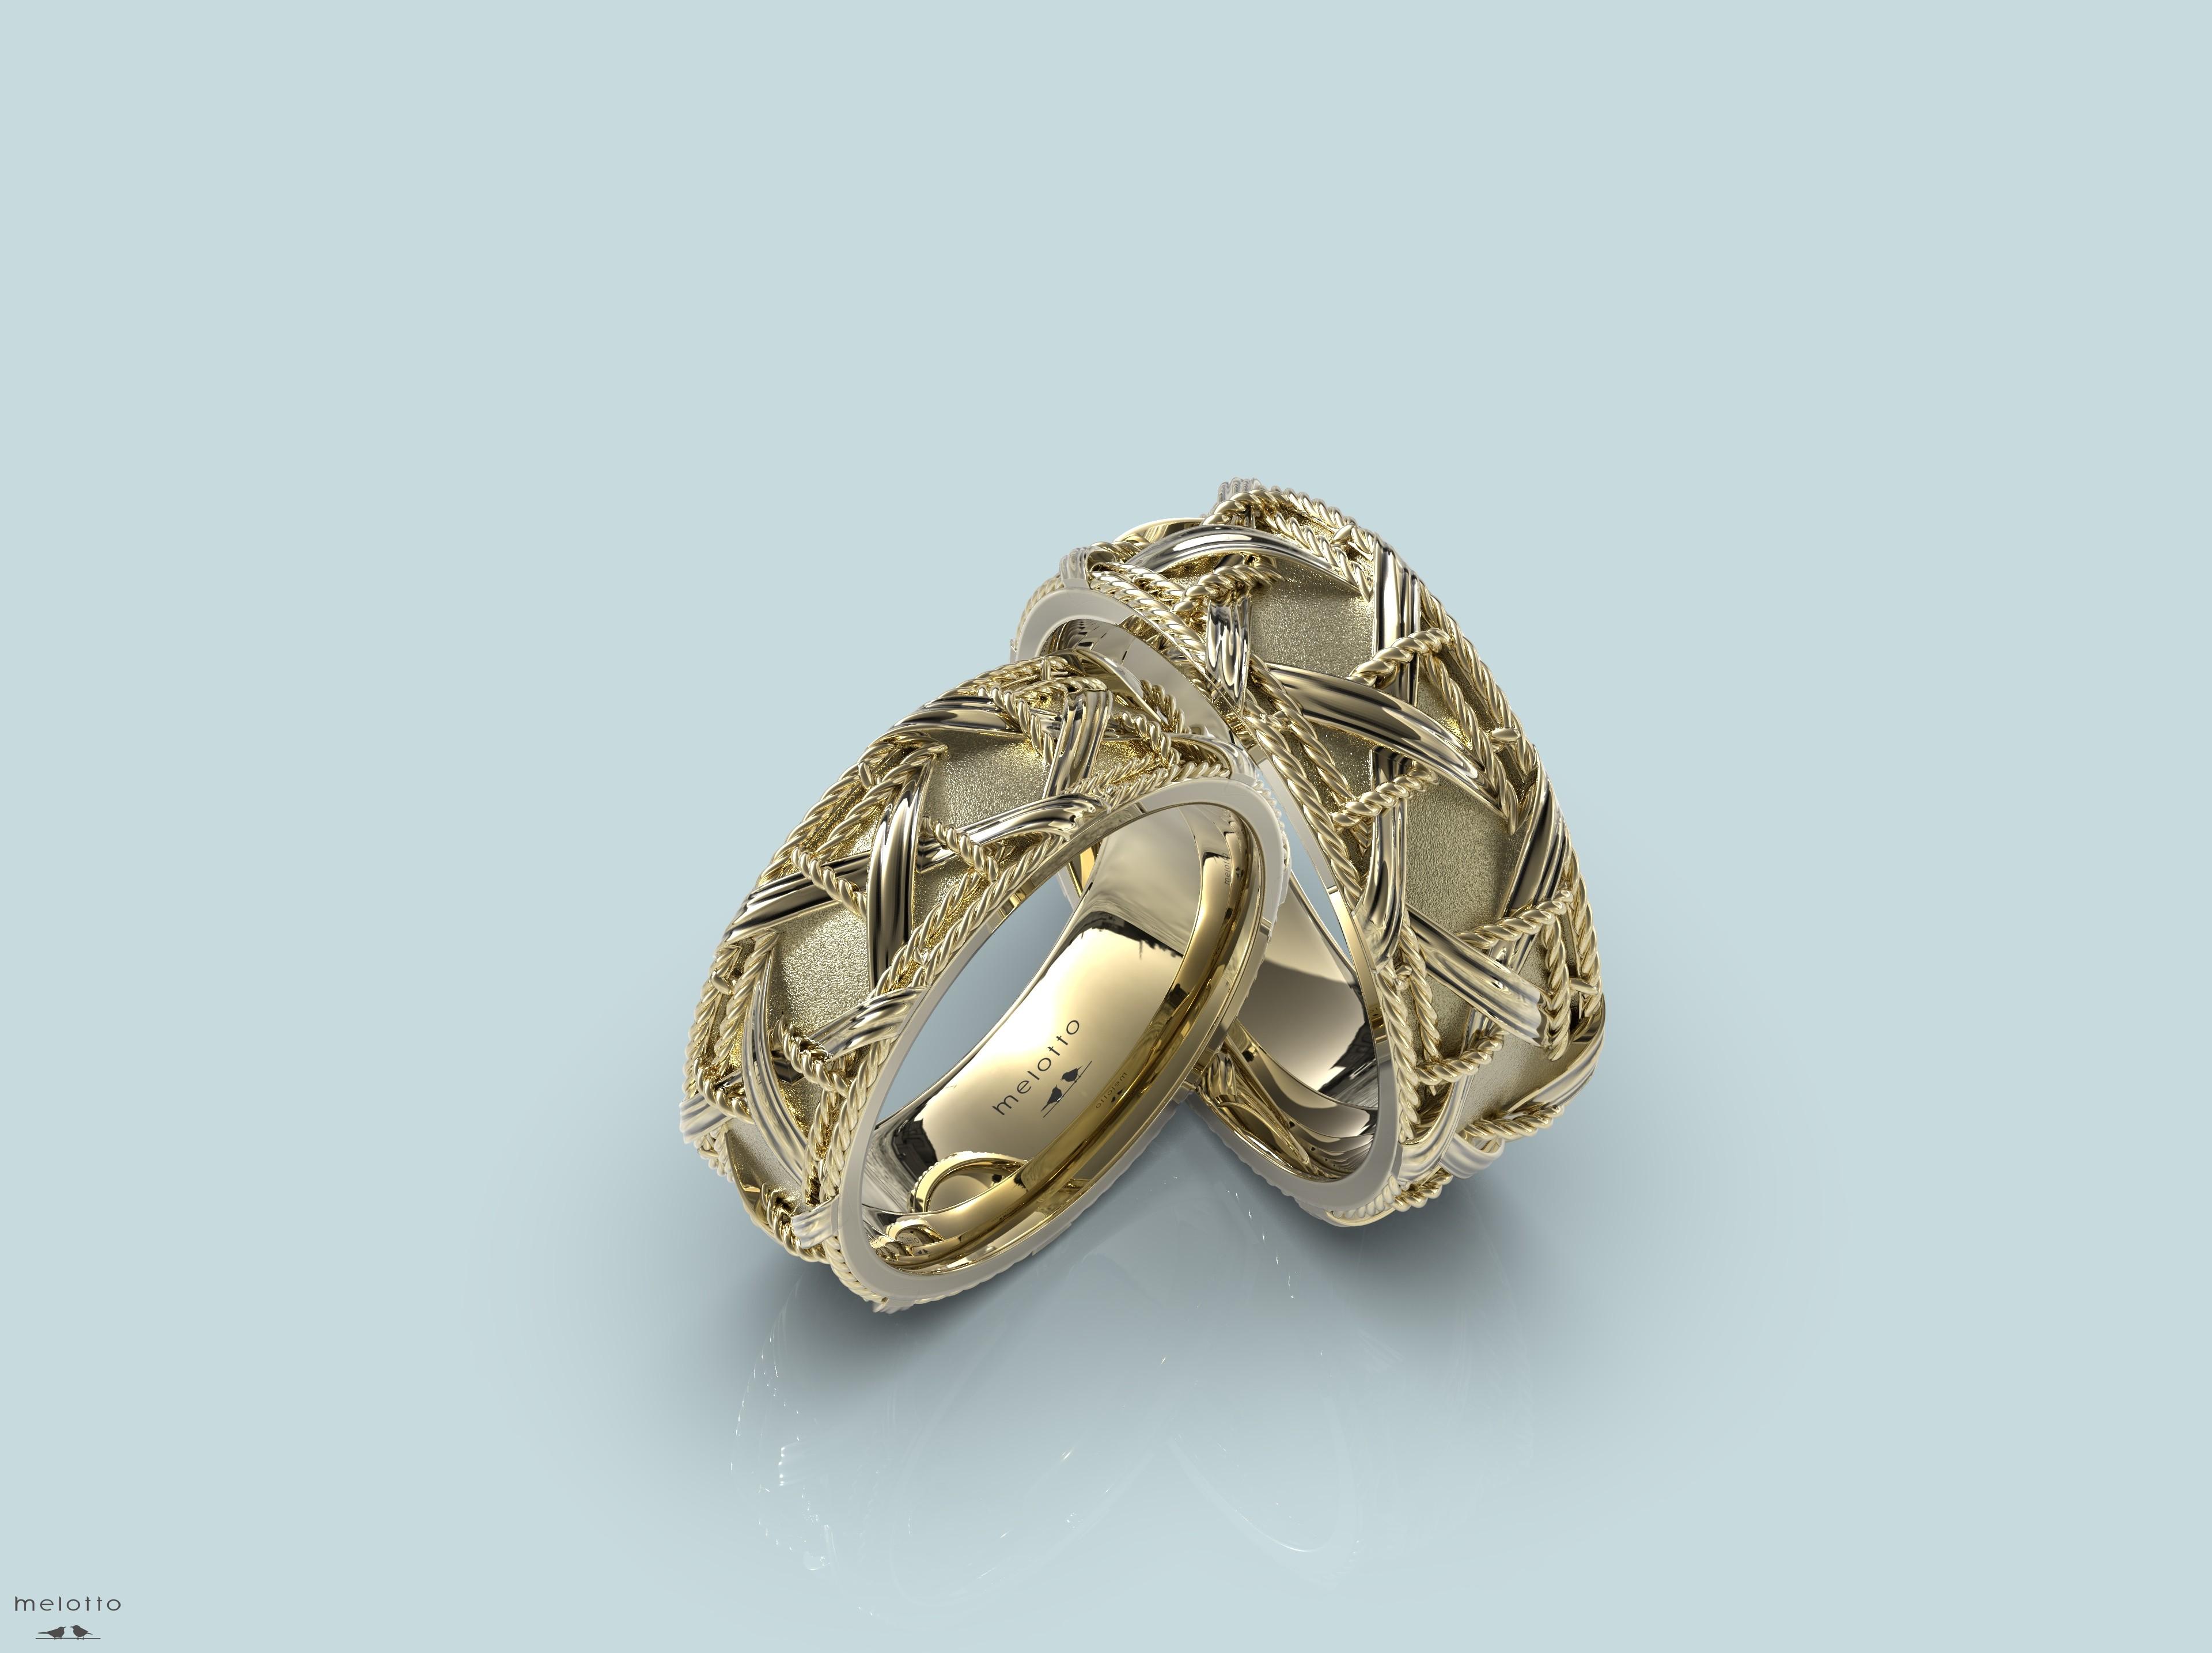 необычные обручальные кольца melotto-jewelry.ru